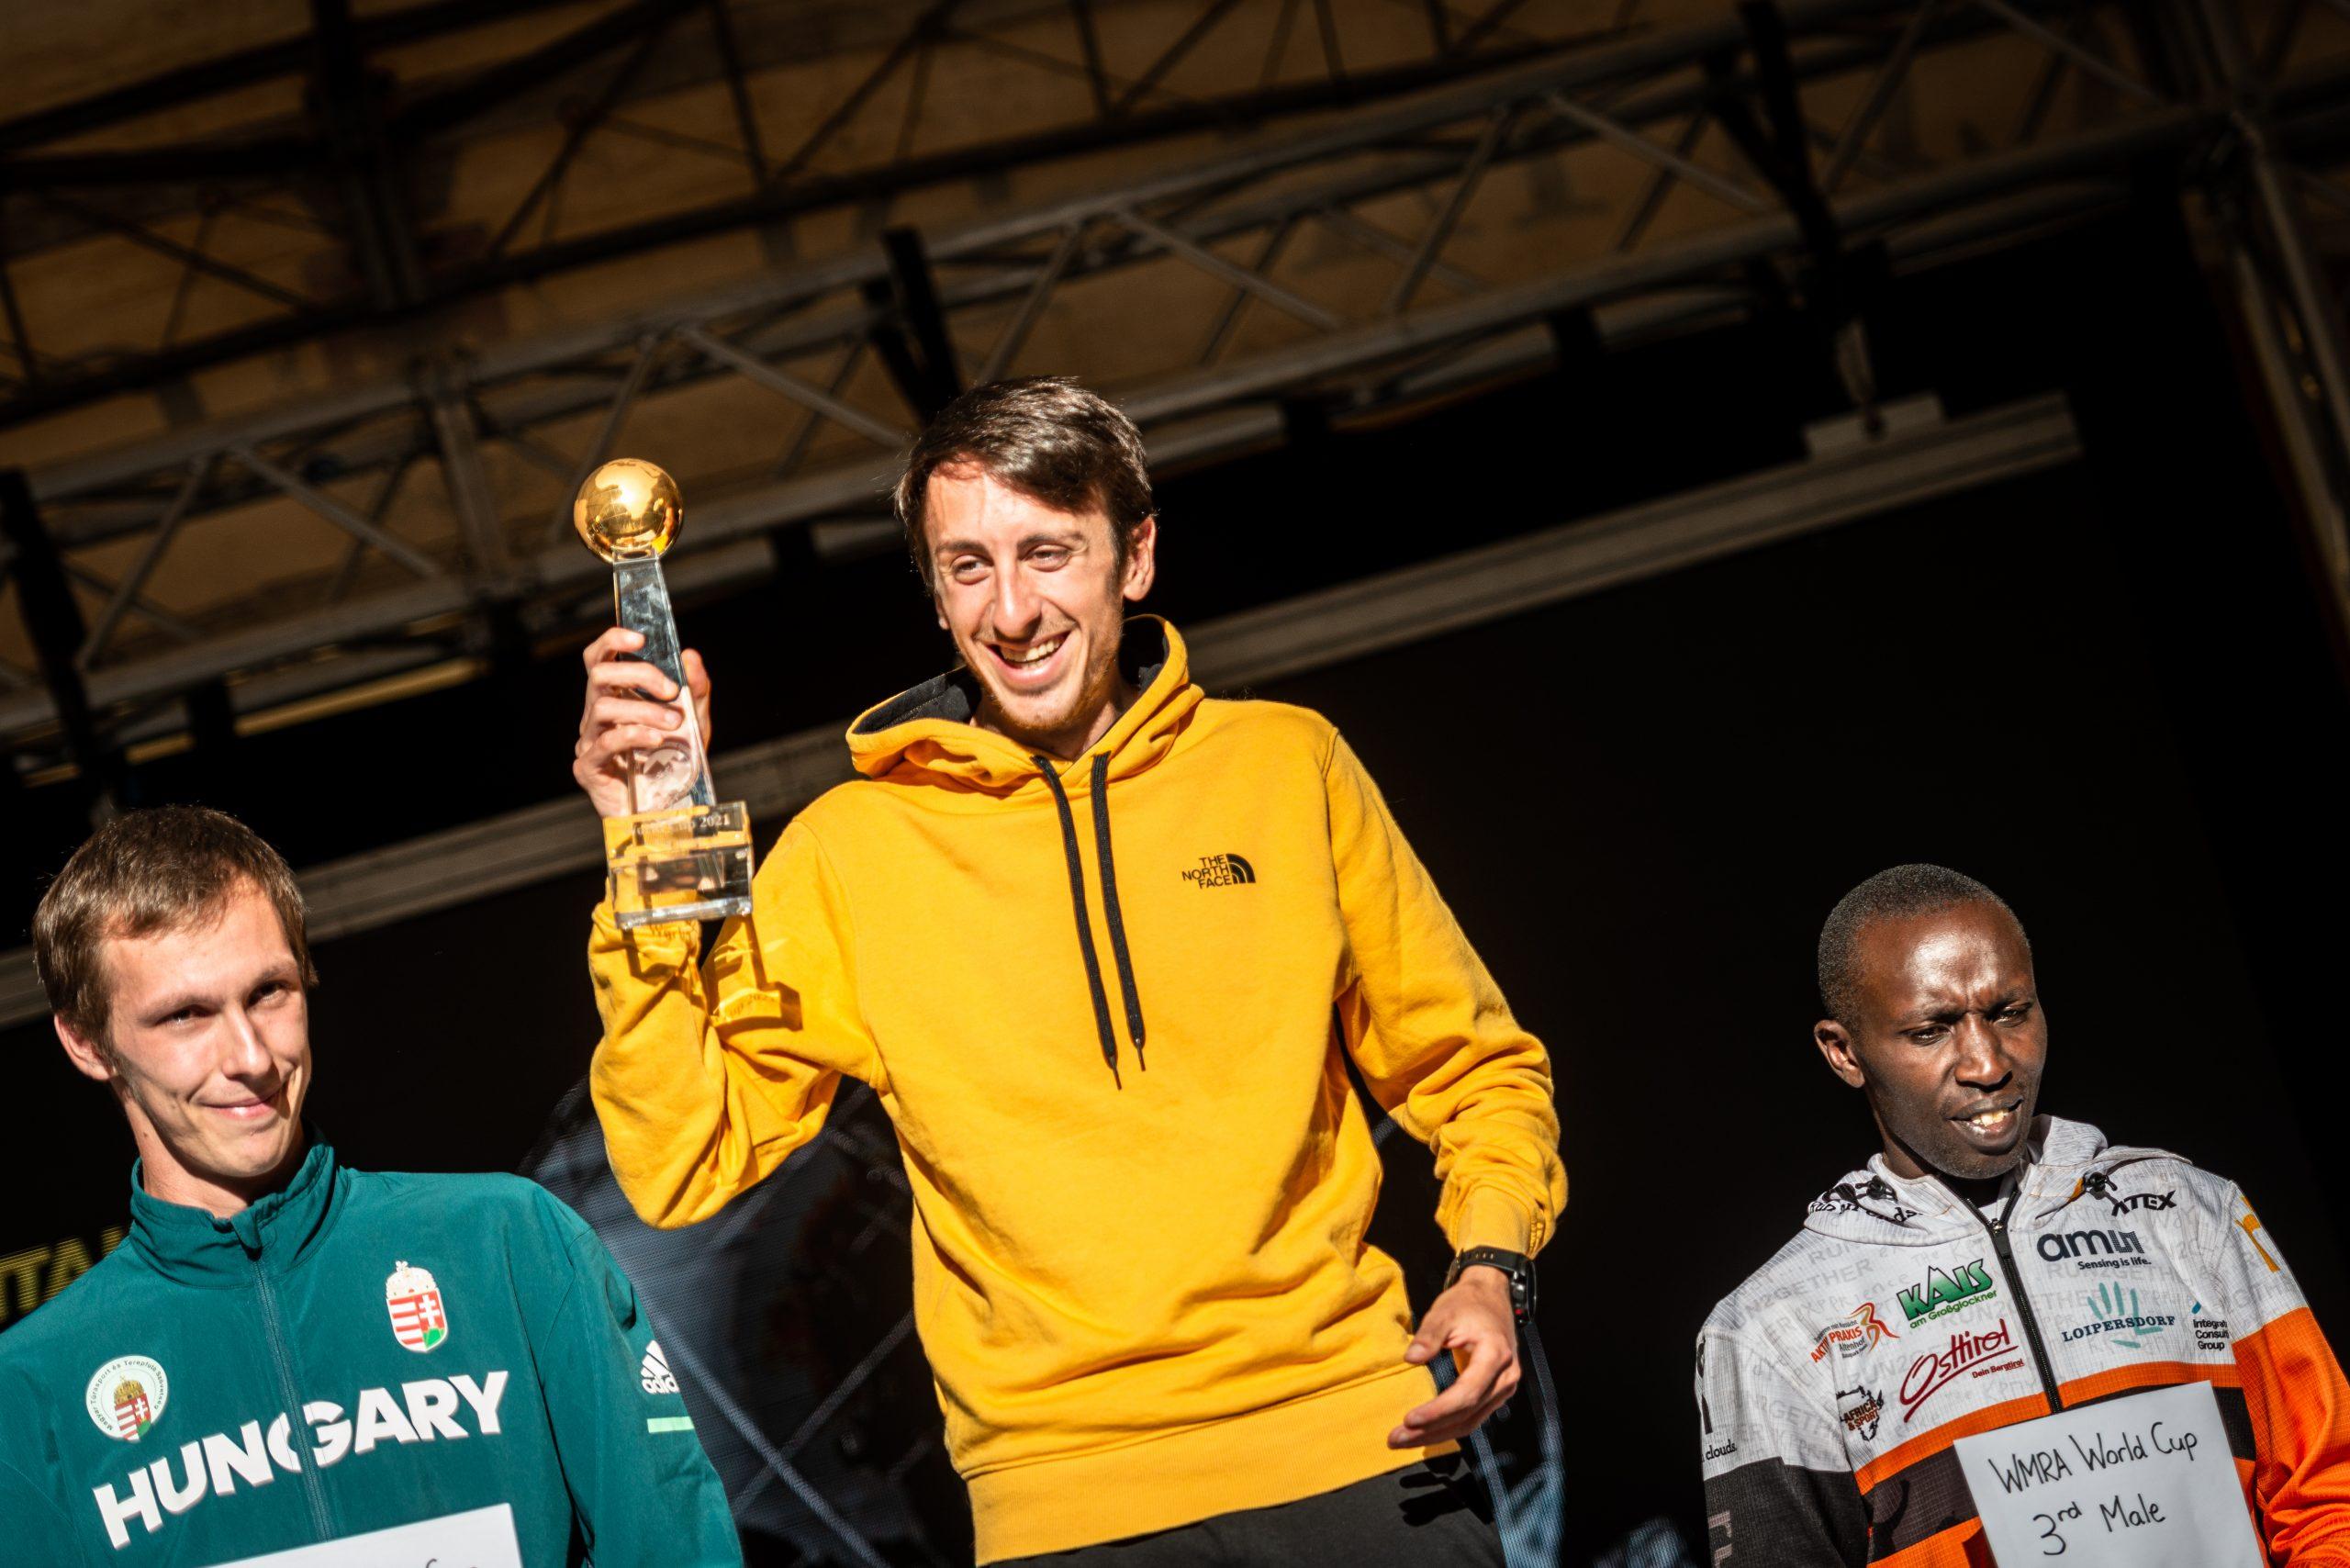 Henri Aymond vincitore strepitoso, sia della Chiavenna-Lagunc Vertical, che di quella assoluta!